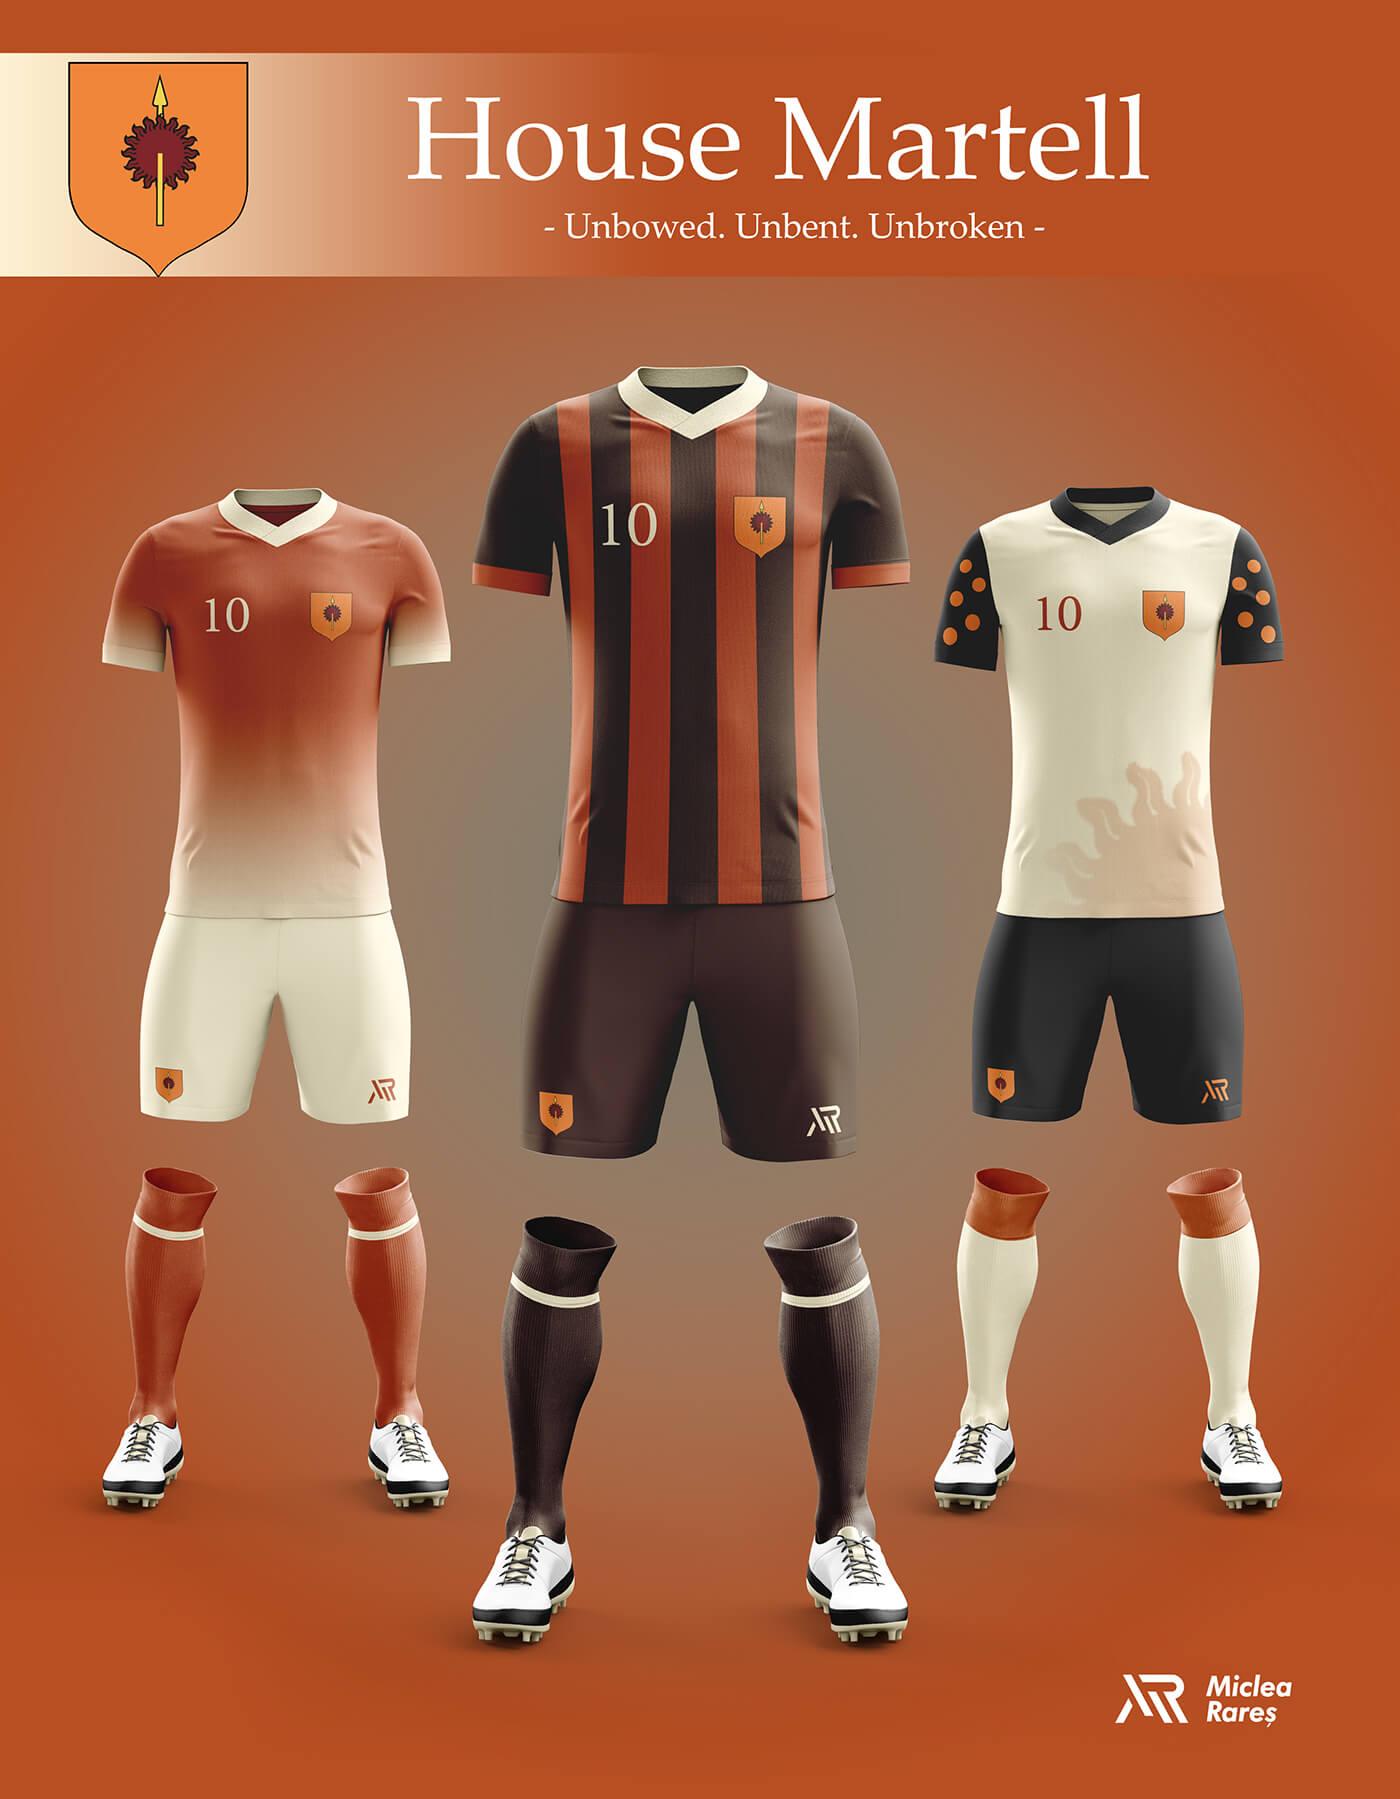 Уникальный дизайн футбольной экипировки Игры престолов, фото 6